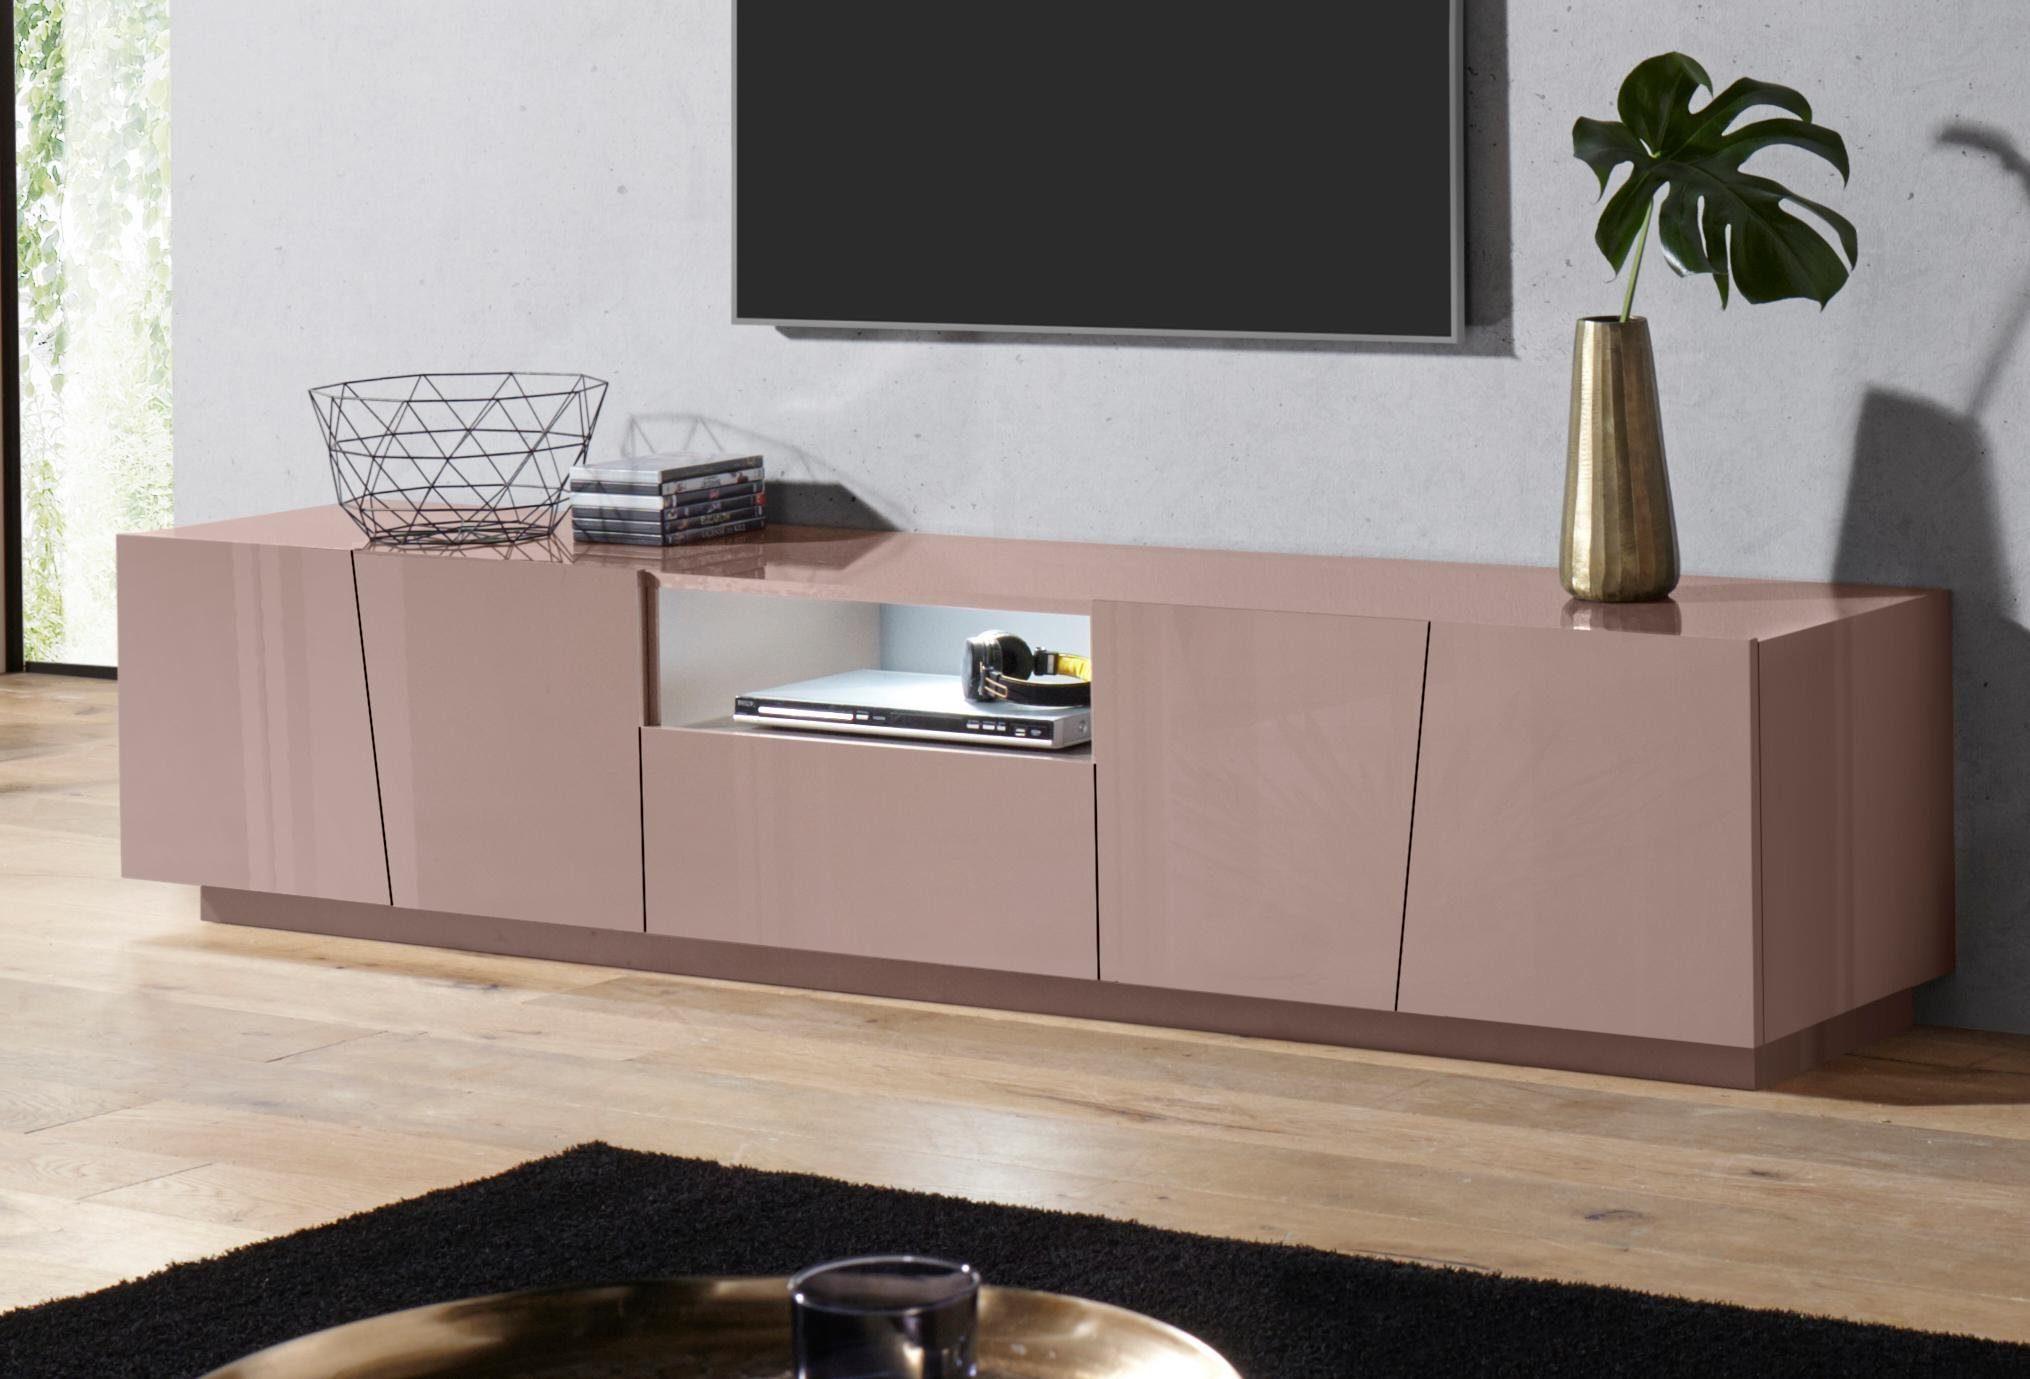 Aparte Tv Meubels : Goedkoop tv meubel online kopen je vind het bij ons otto